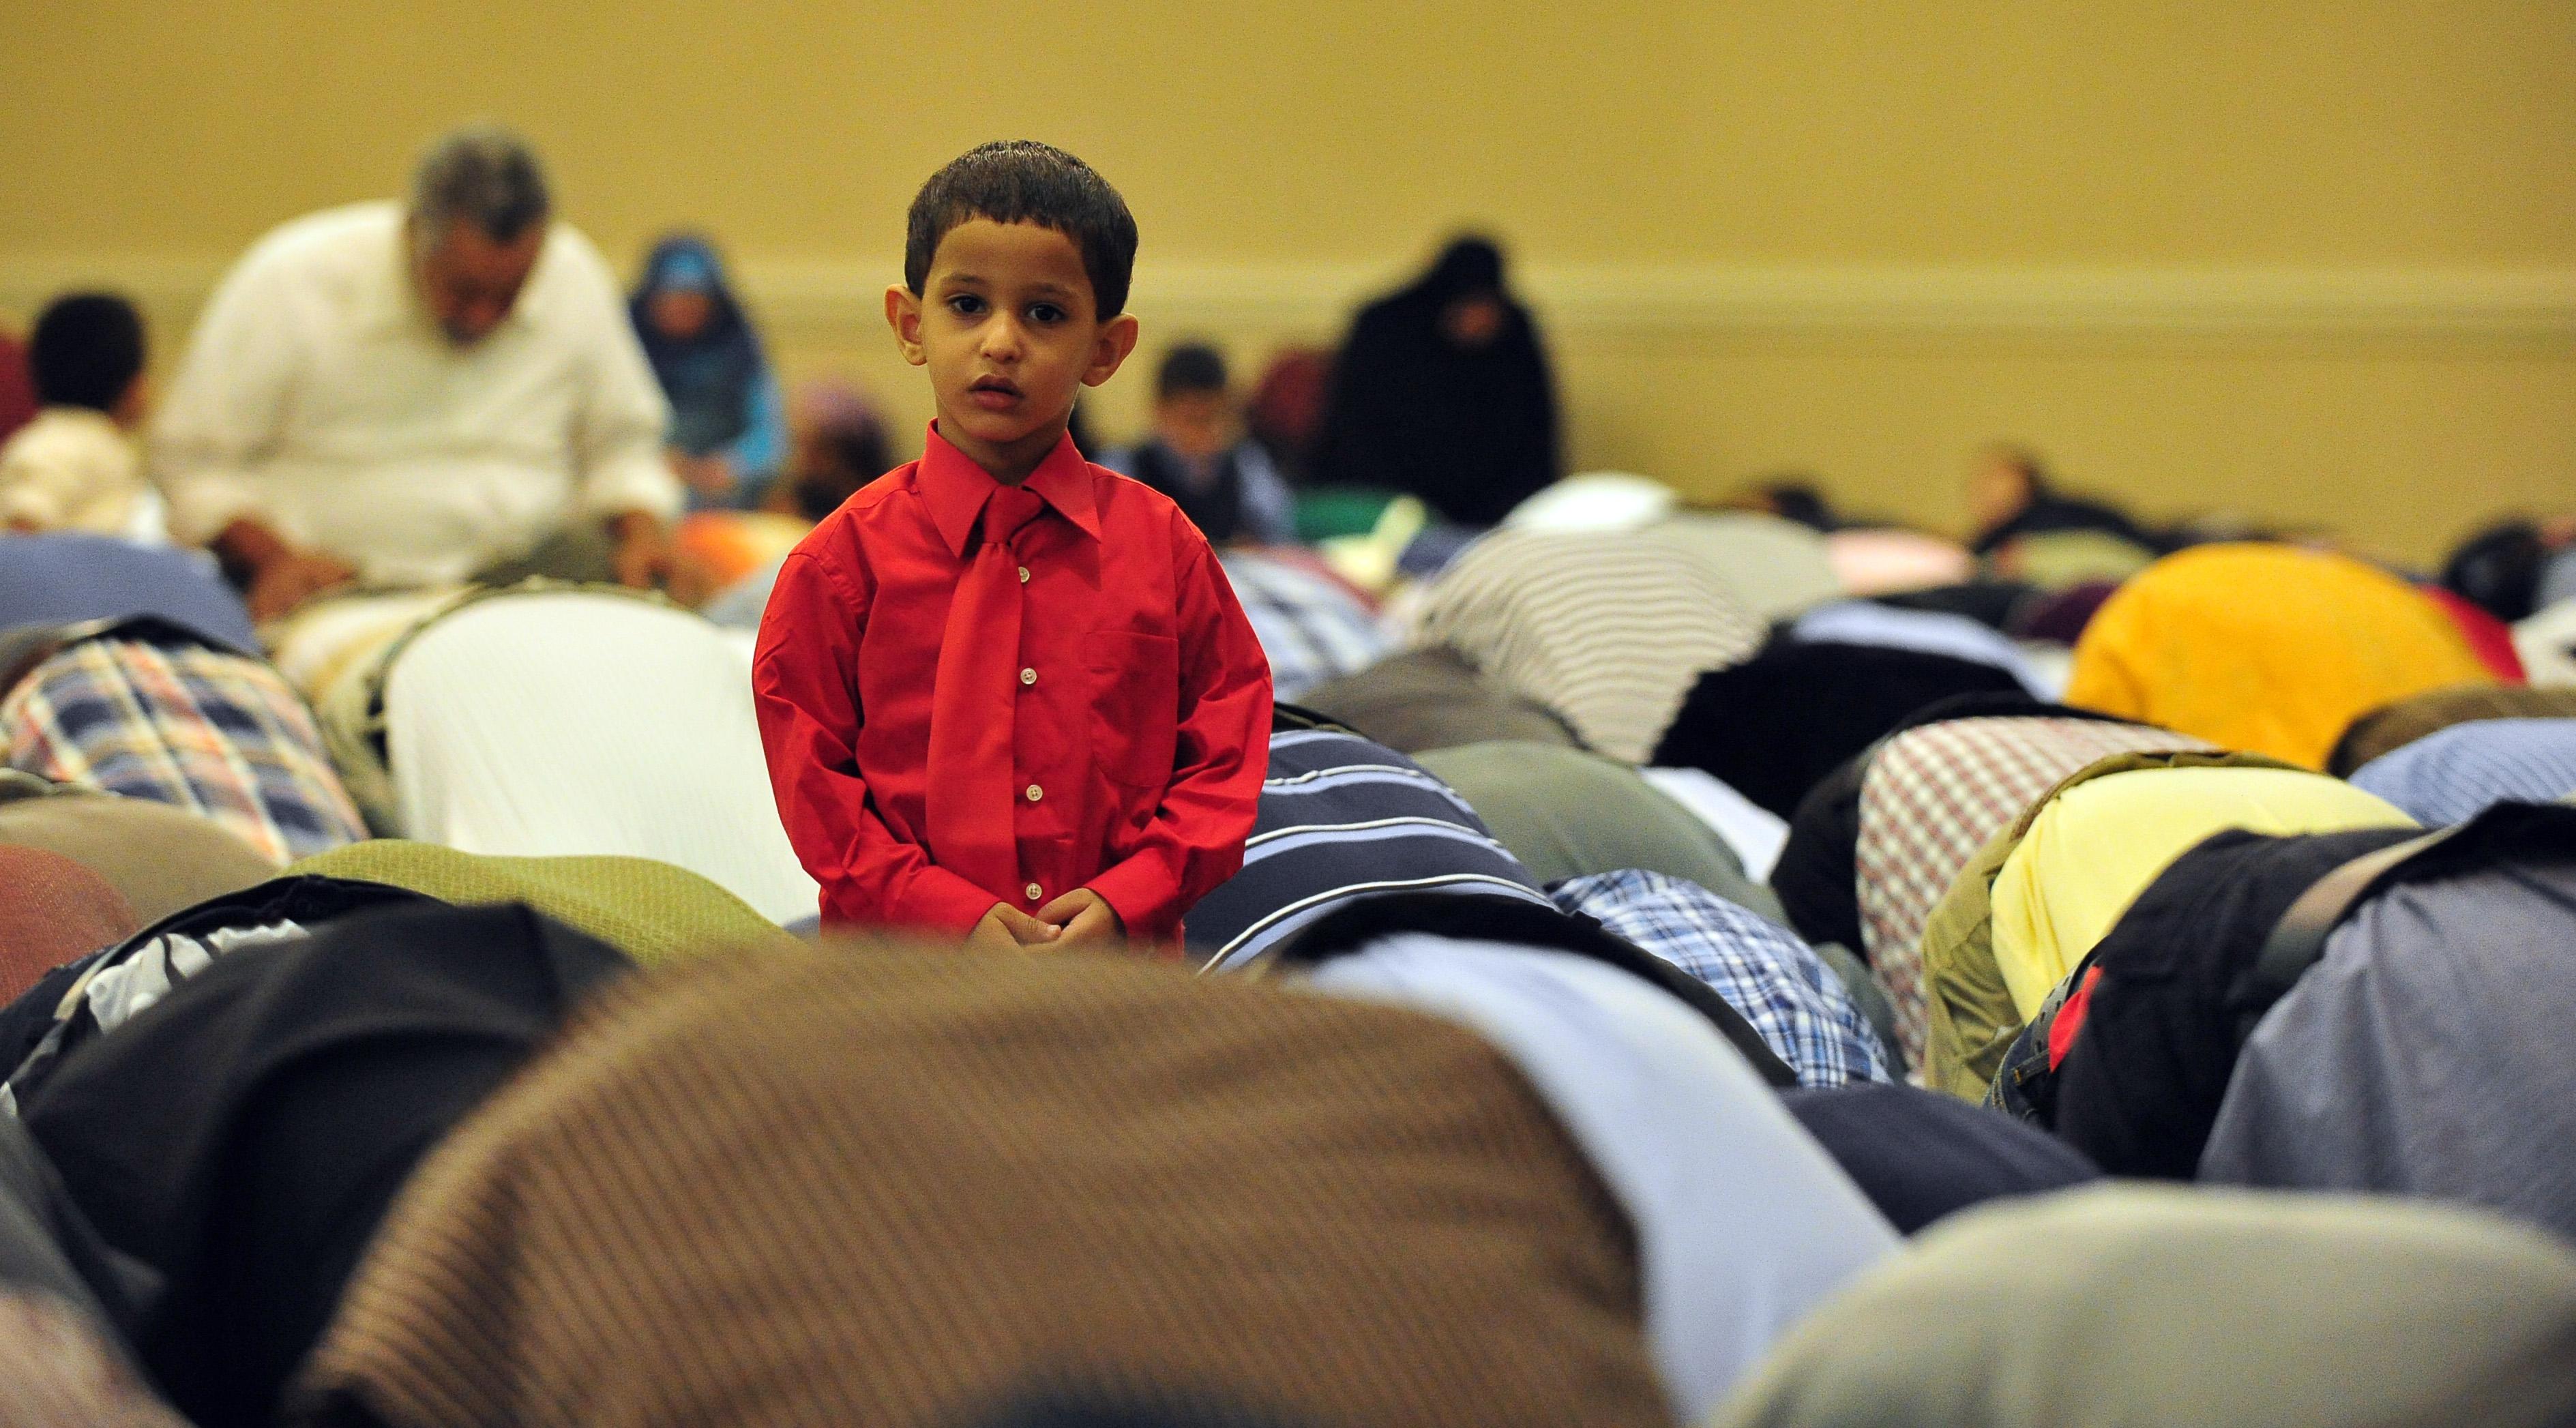 Menino com camisa e gravata vermelhas, parado entre homens ajoelhados rezando (© AP Images)